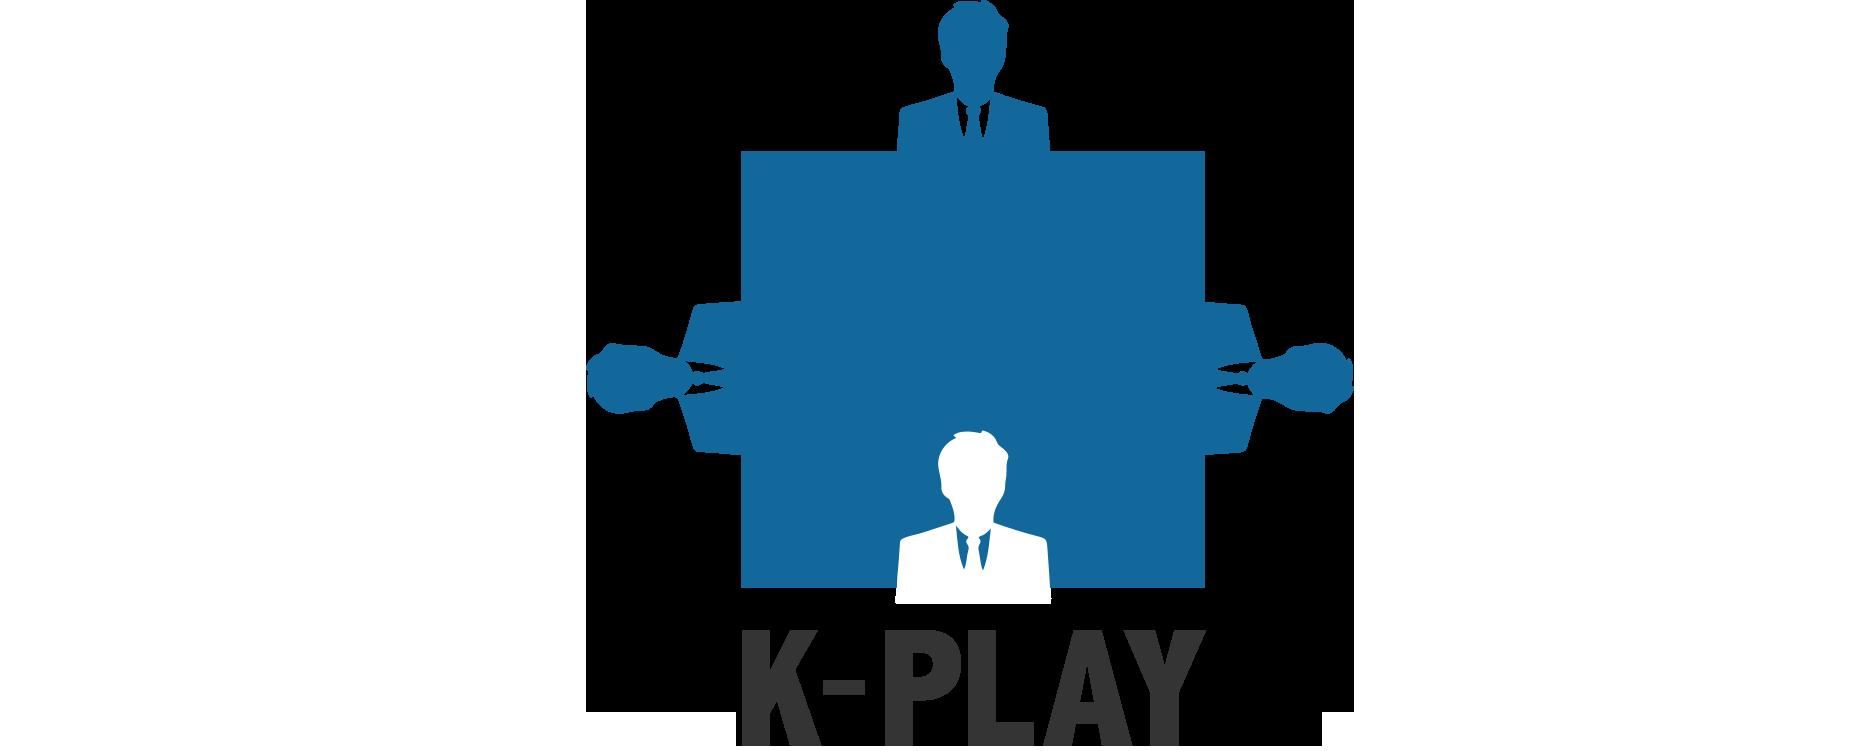 kplay